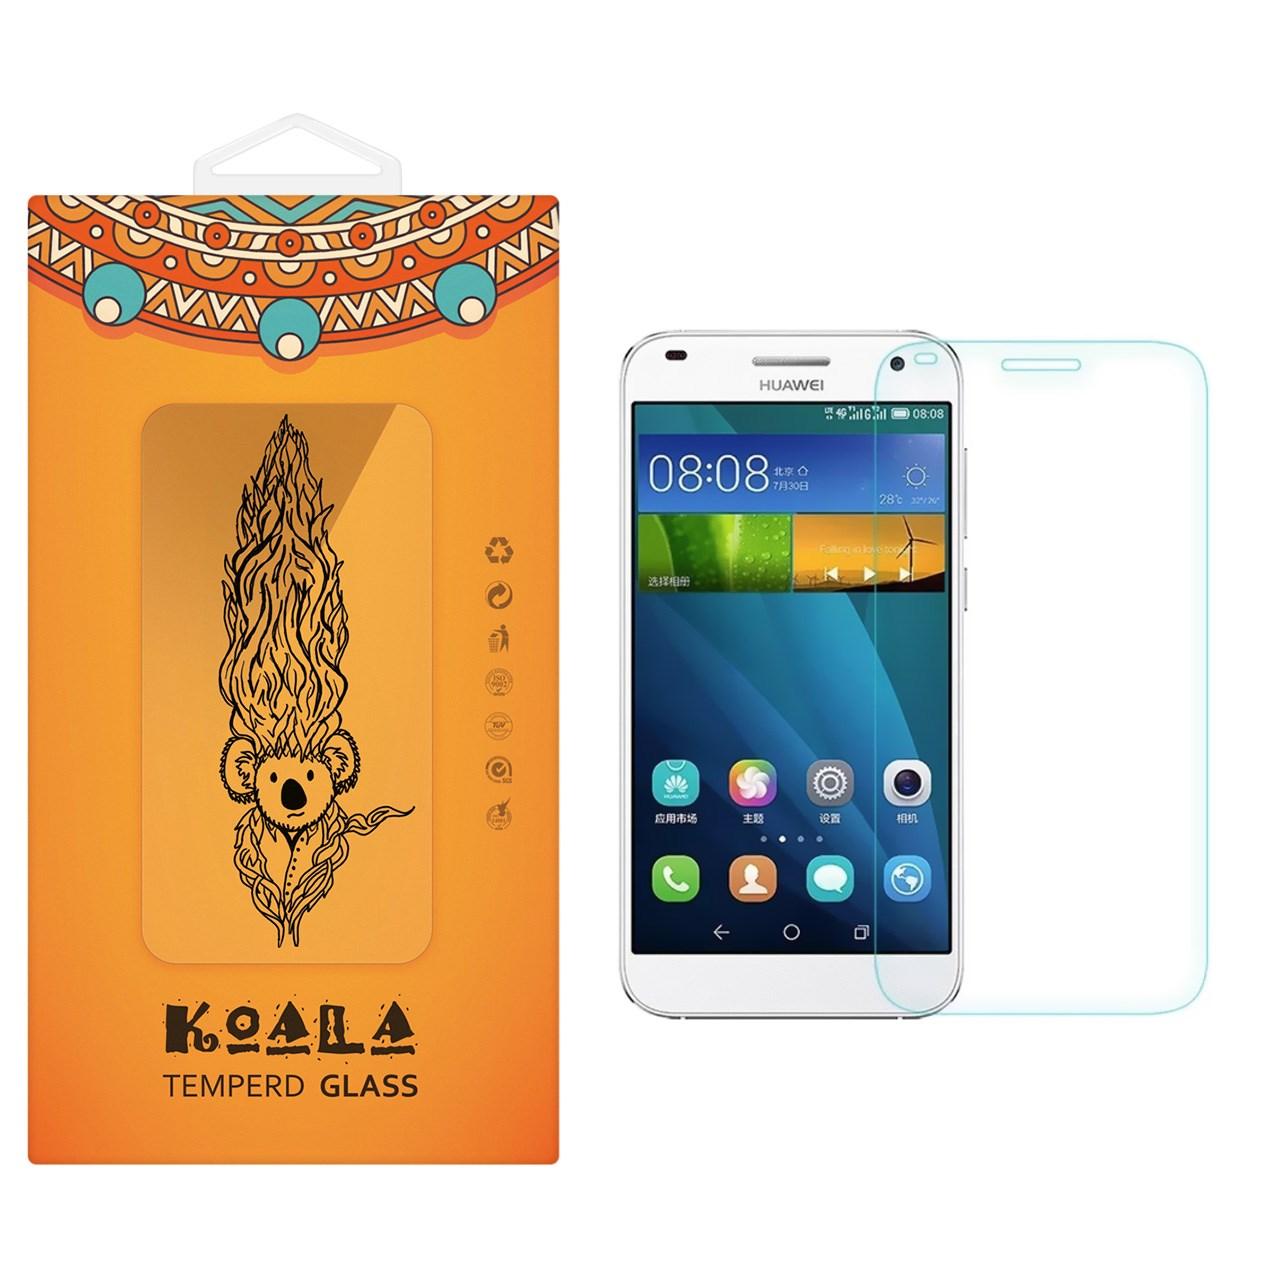 محافظ صفحه نمایش شیشه ای کوالا مدل Tempered مناسب برای گوشی موبایل هوآوی Honor 3X G750